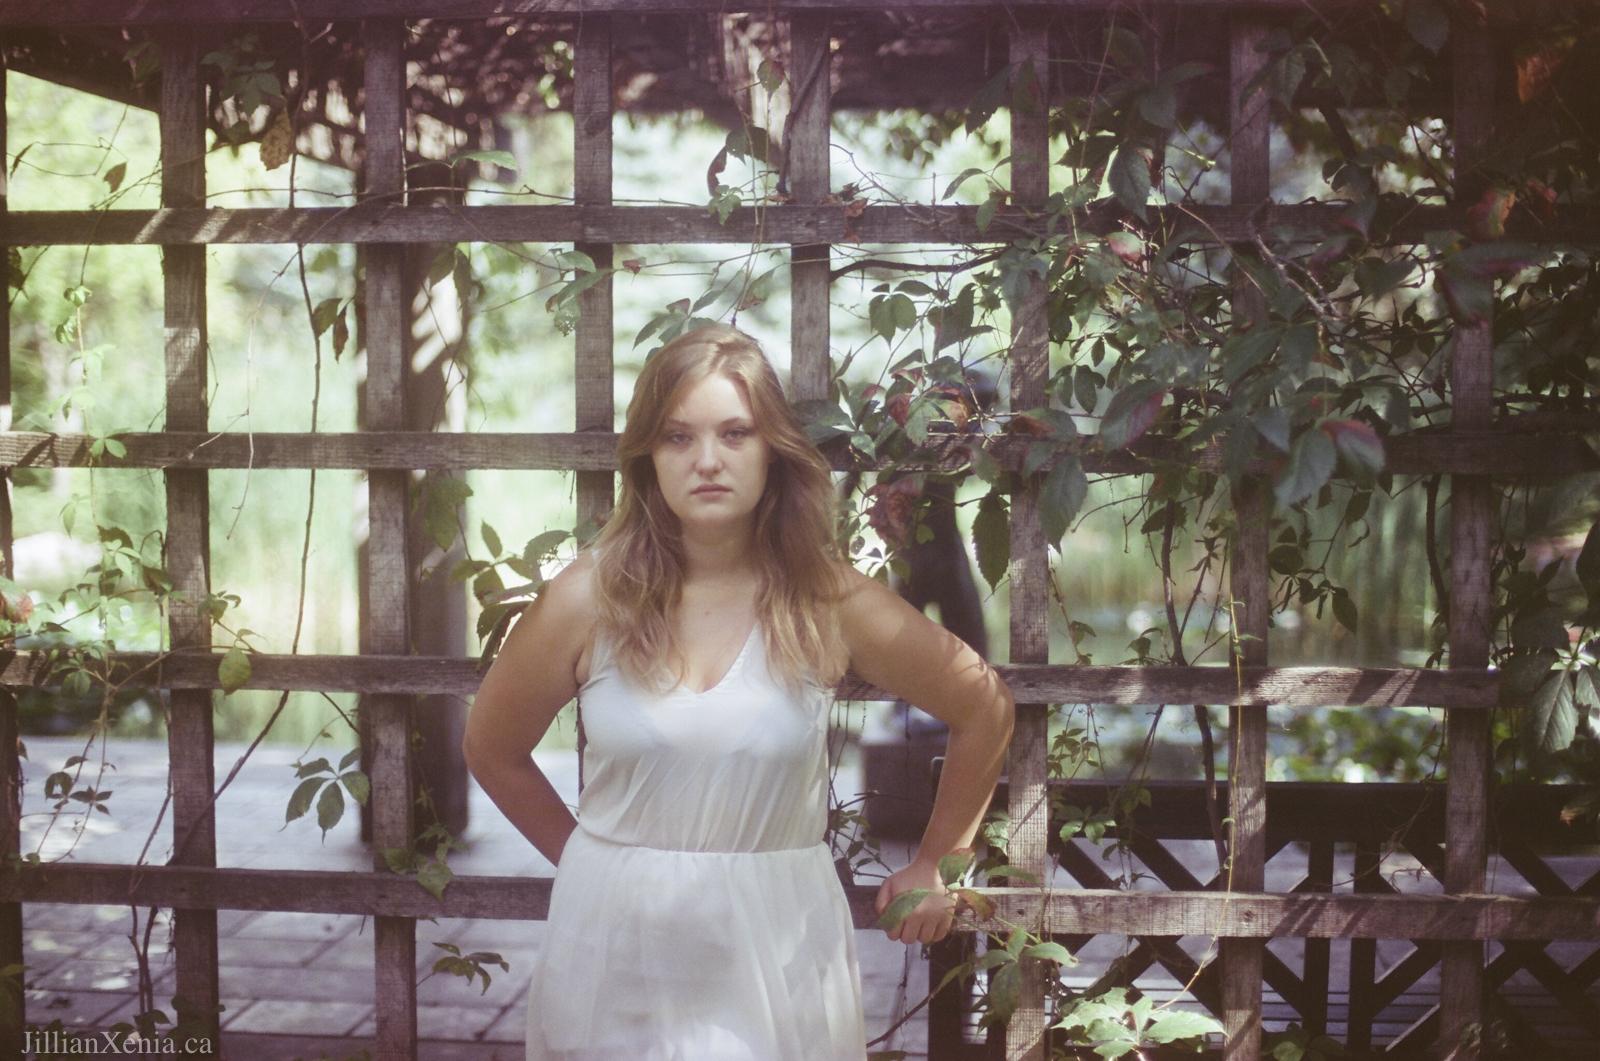 Jillian-Xenia-Cinestill 50-35mm film